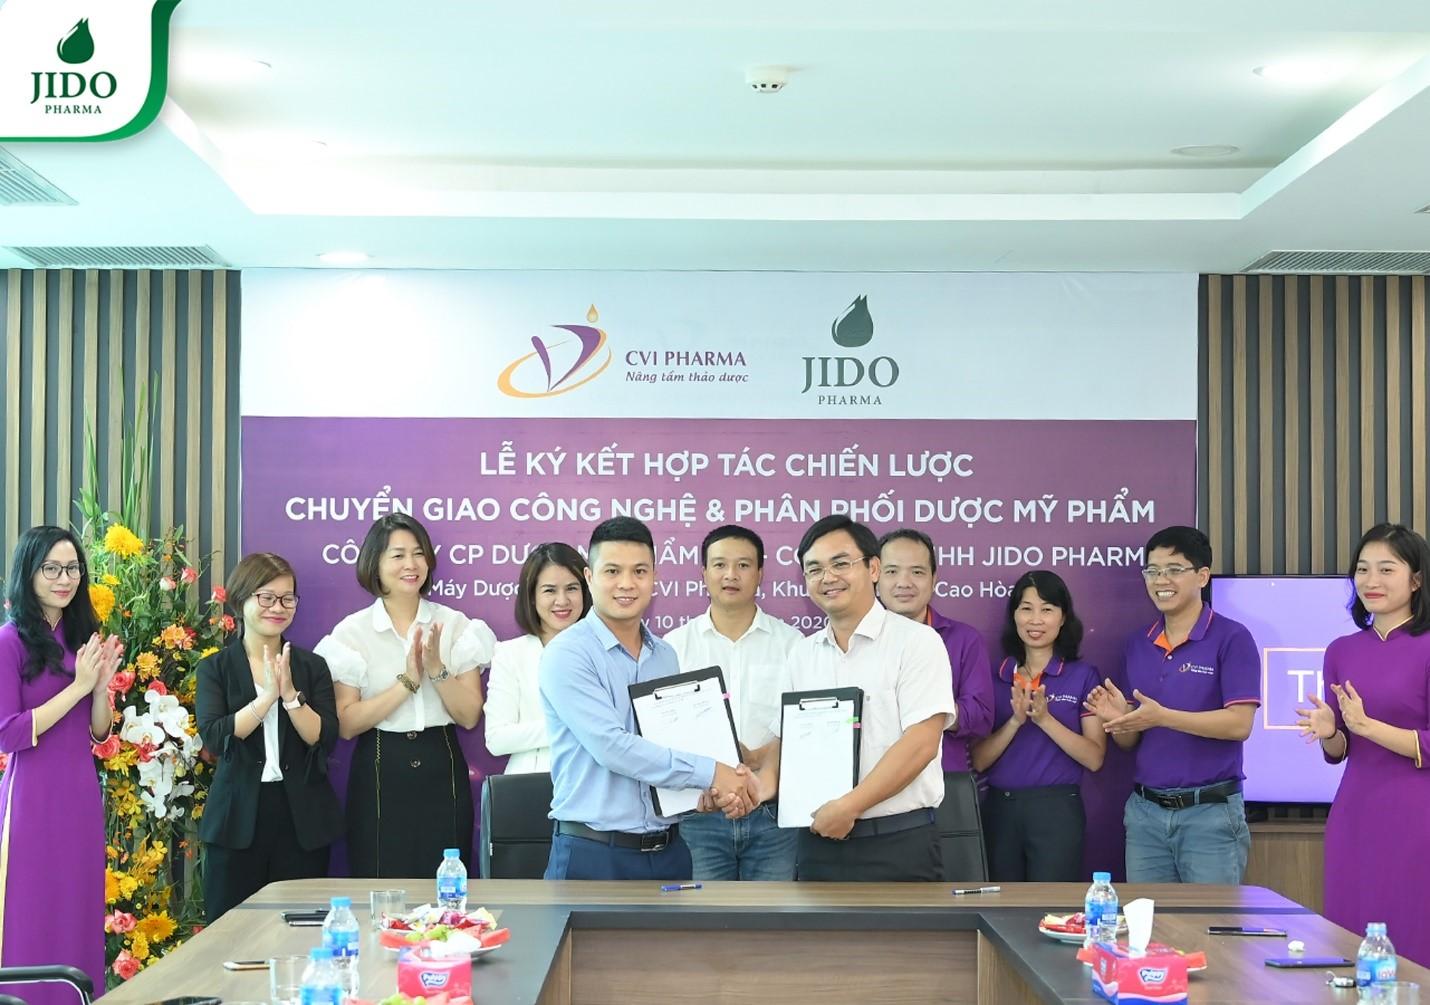 Jido Pharma ký kết hợp tác chiến lược với Công ty CP dược mỹ phẩm CVI